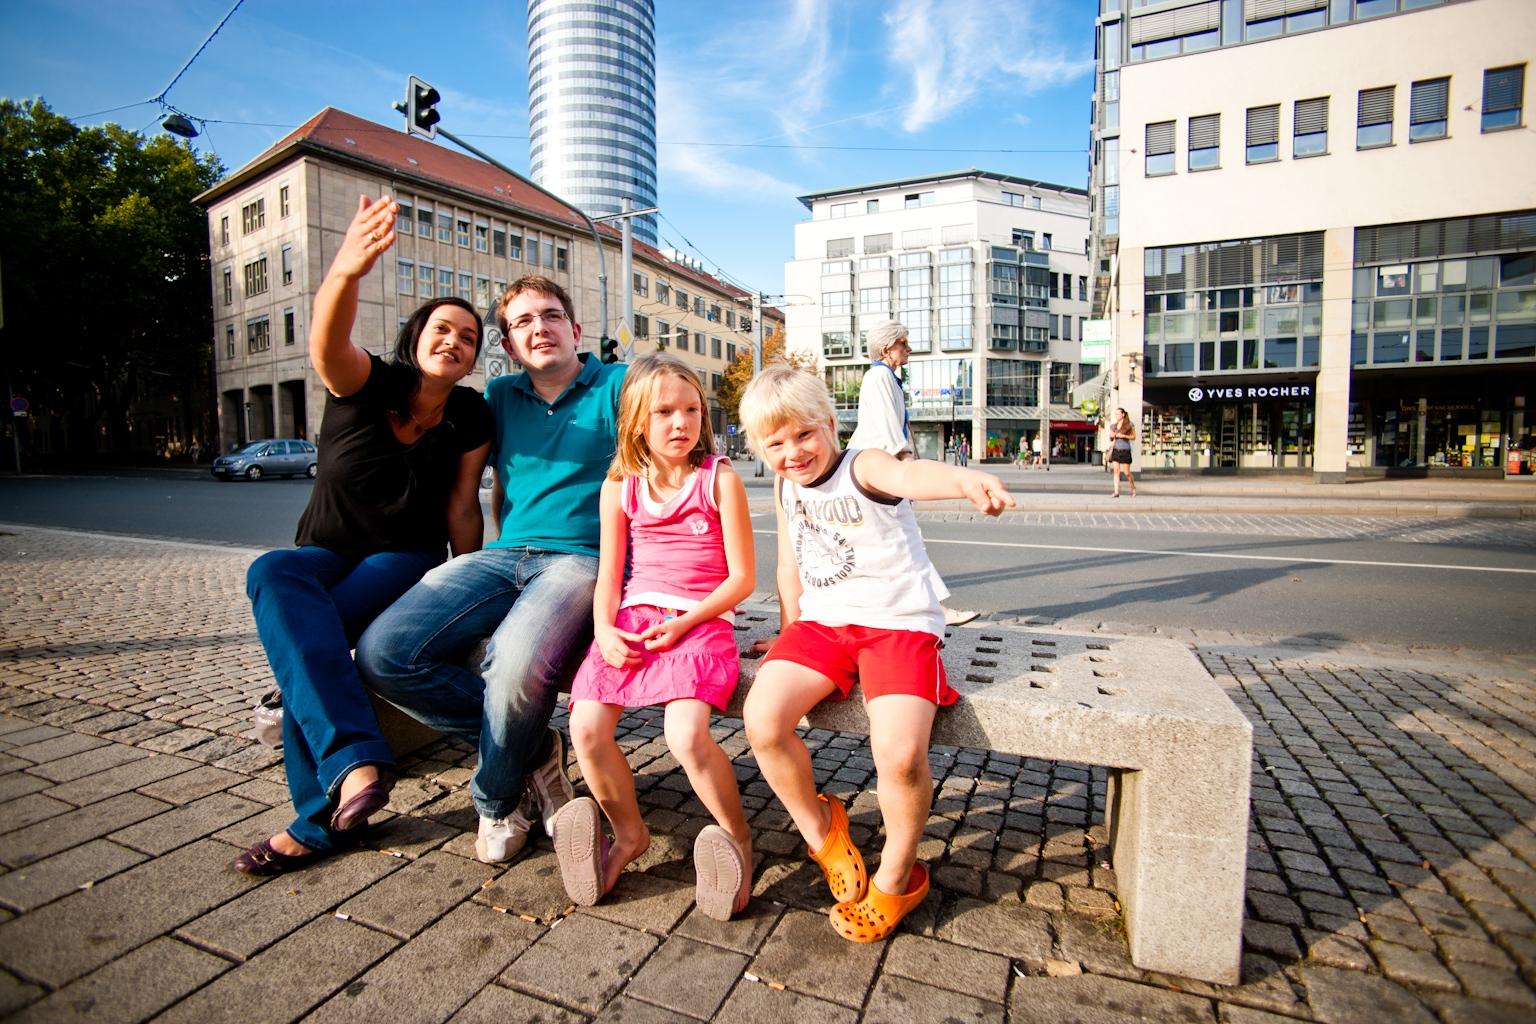 Freundliche Famile winkt, im Hintergrund ist der Intershoptower in Jena zu sehen.